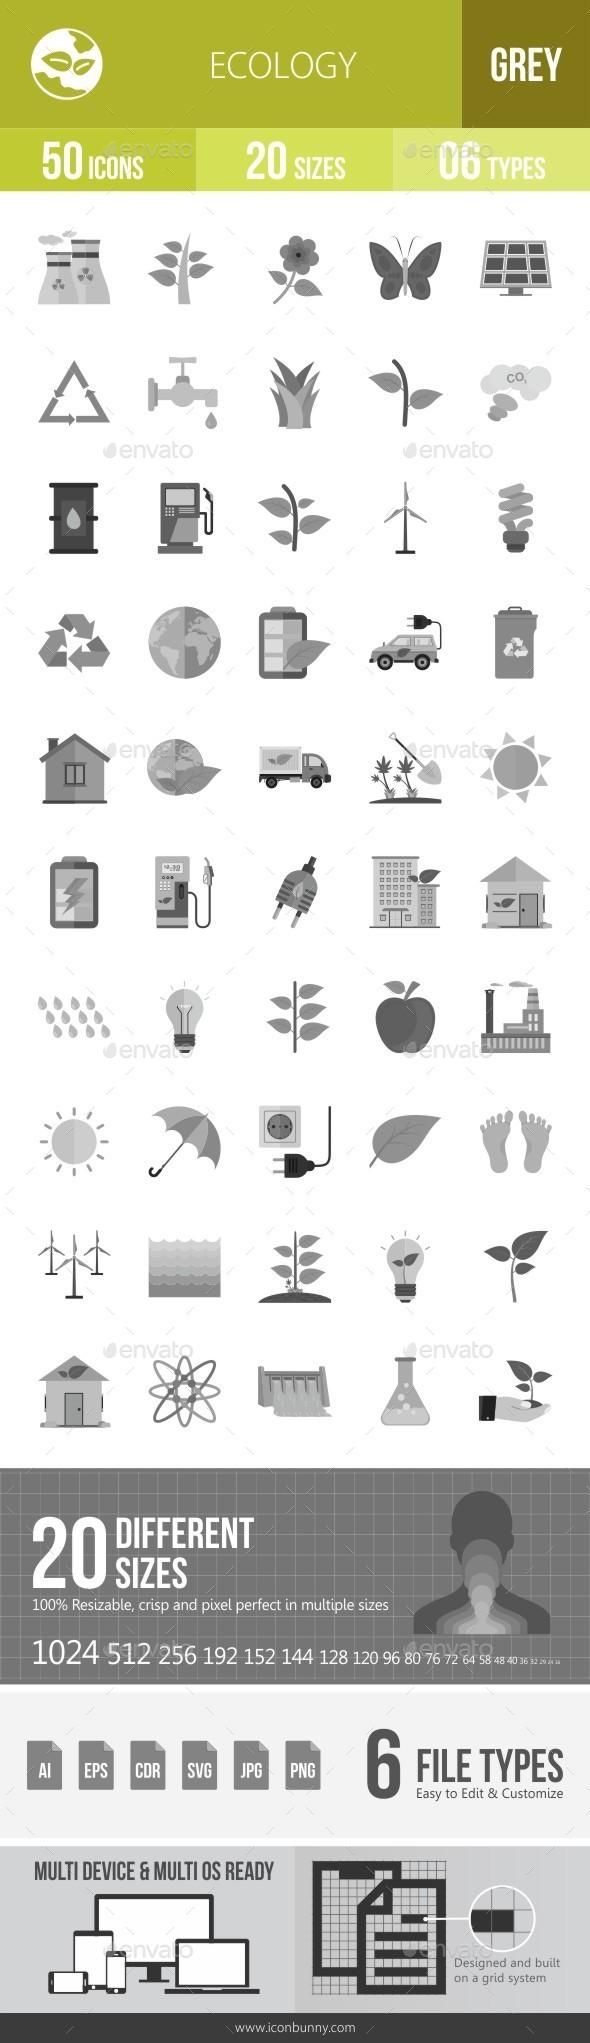 Ecology Greyscale Icons - Icons